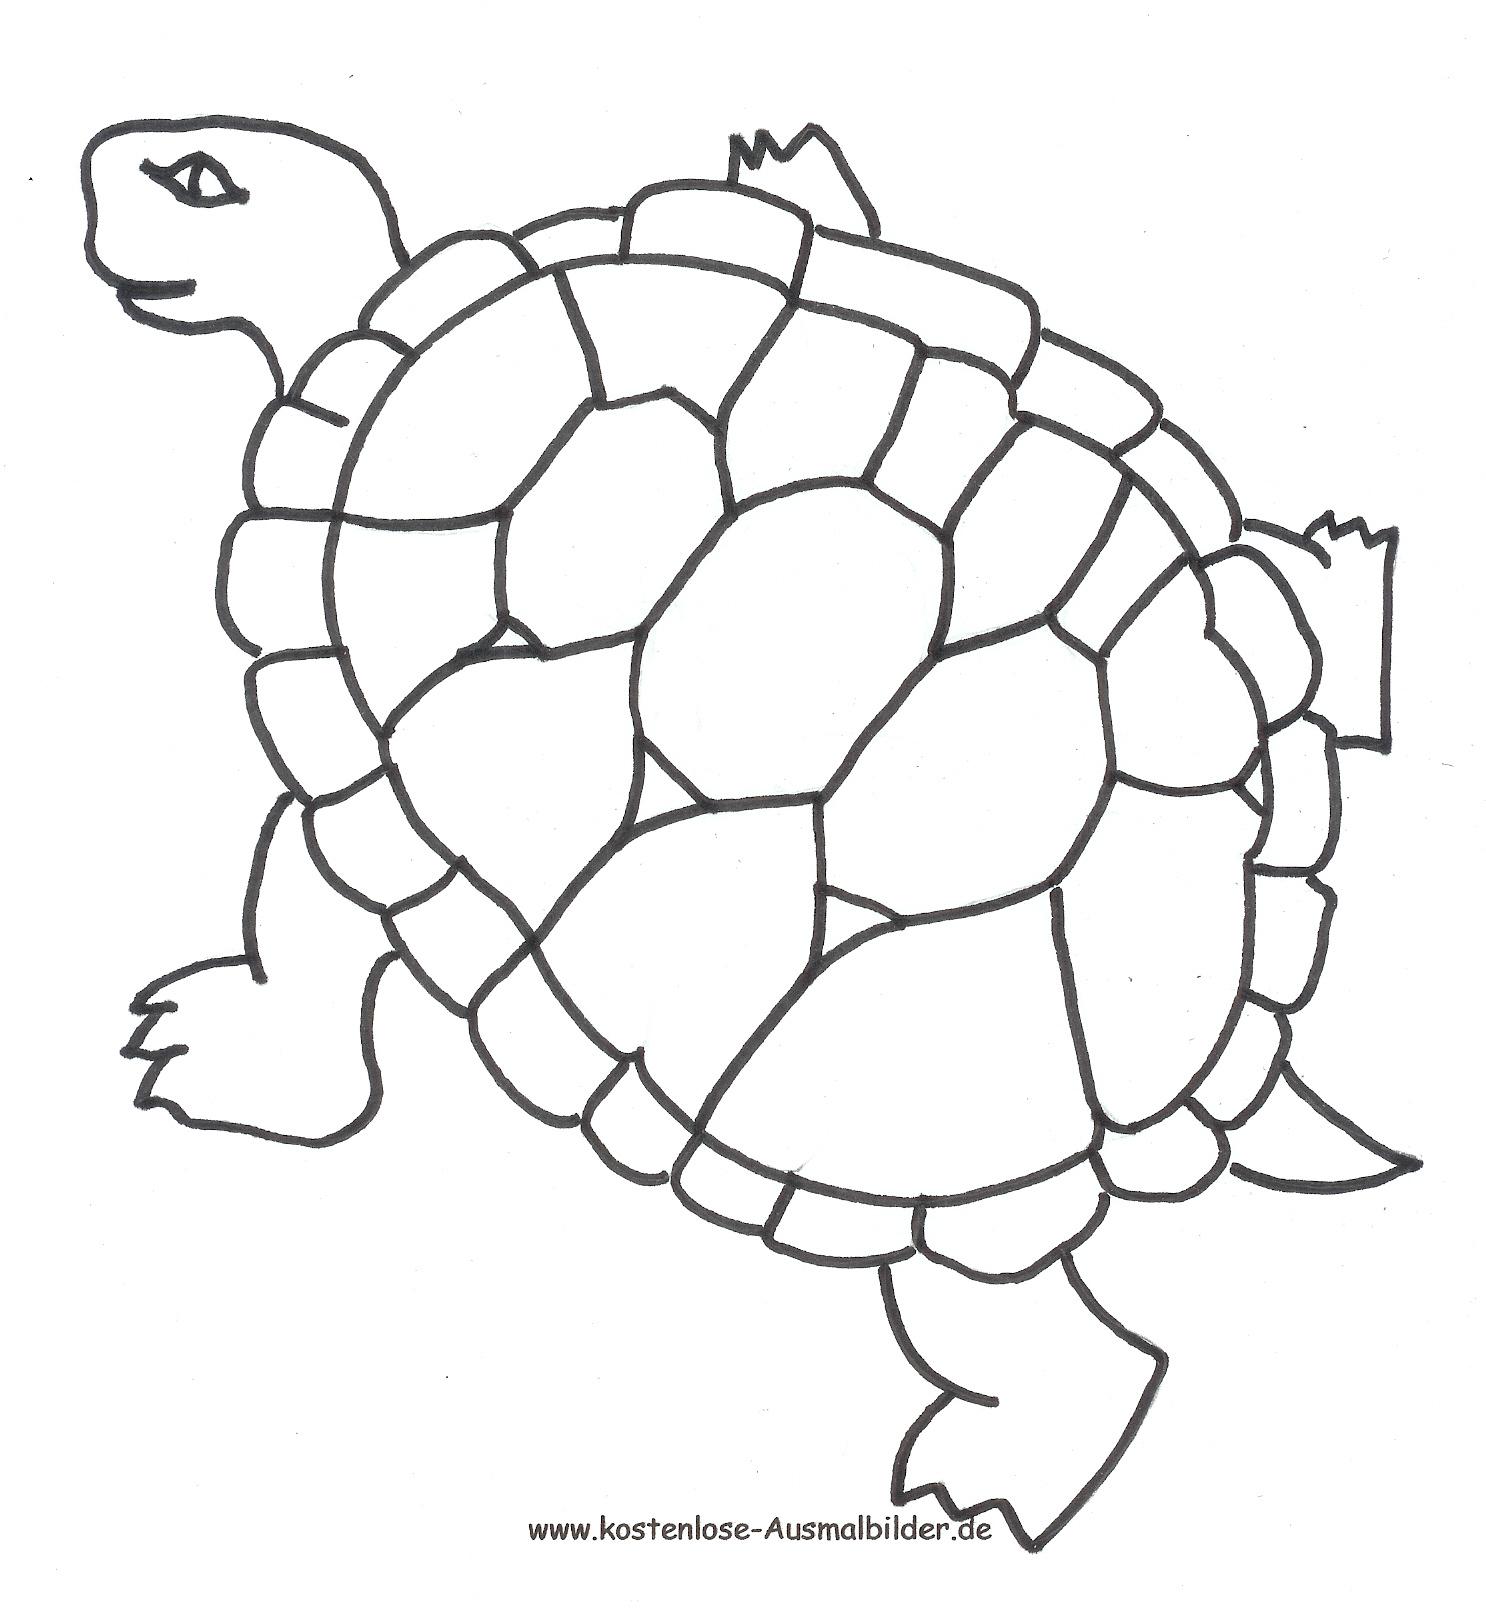 Ausmalbild Schildkröte Zum Ausdrucken in Malvorlage Schildkröte